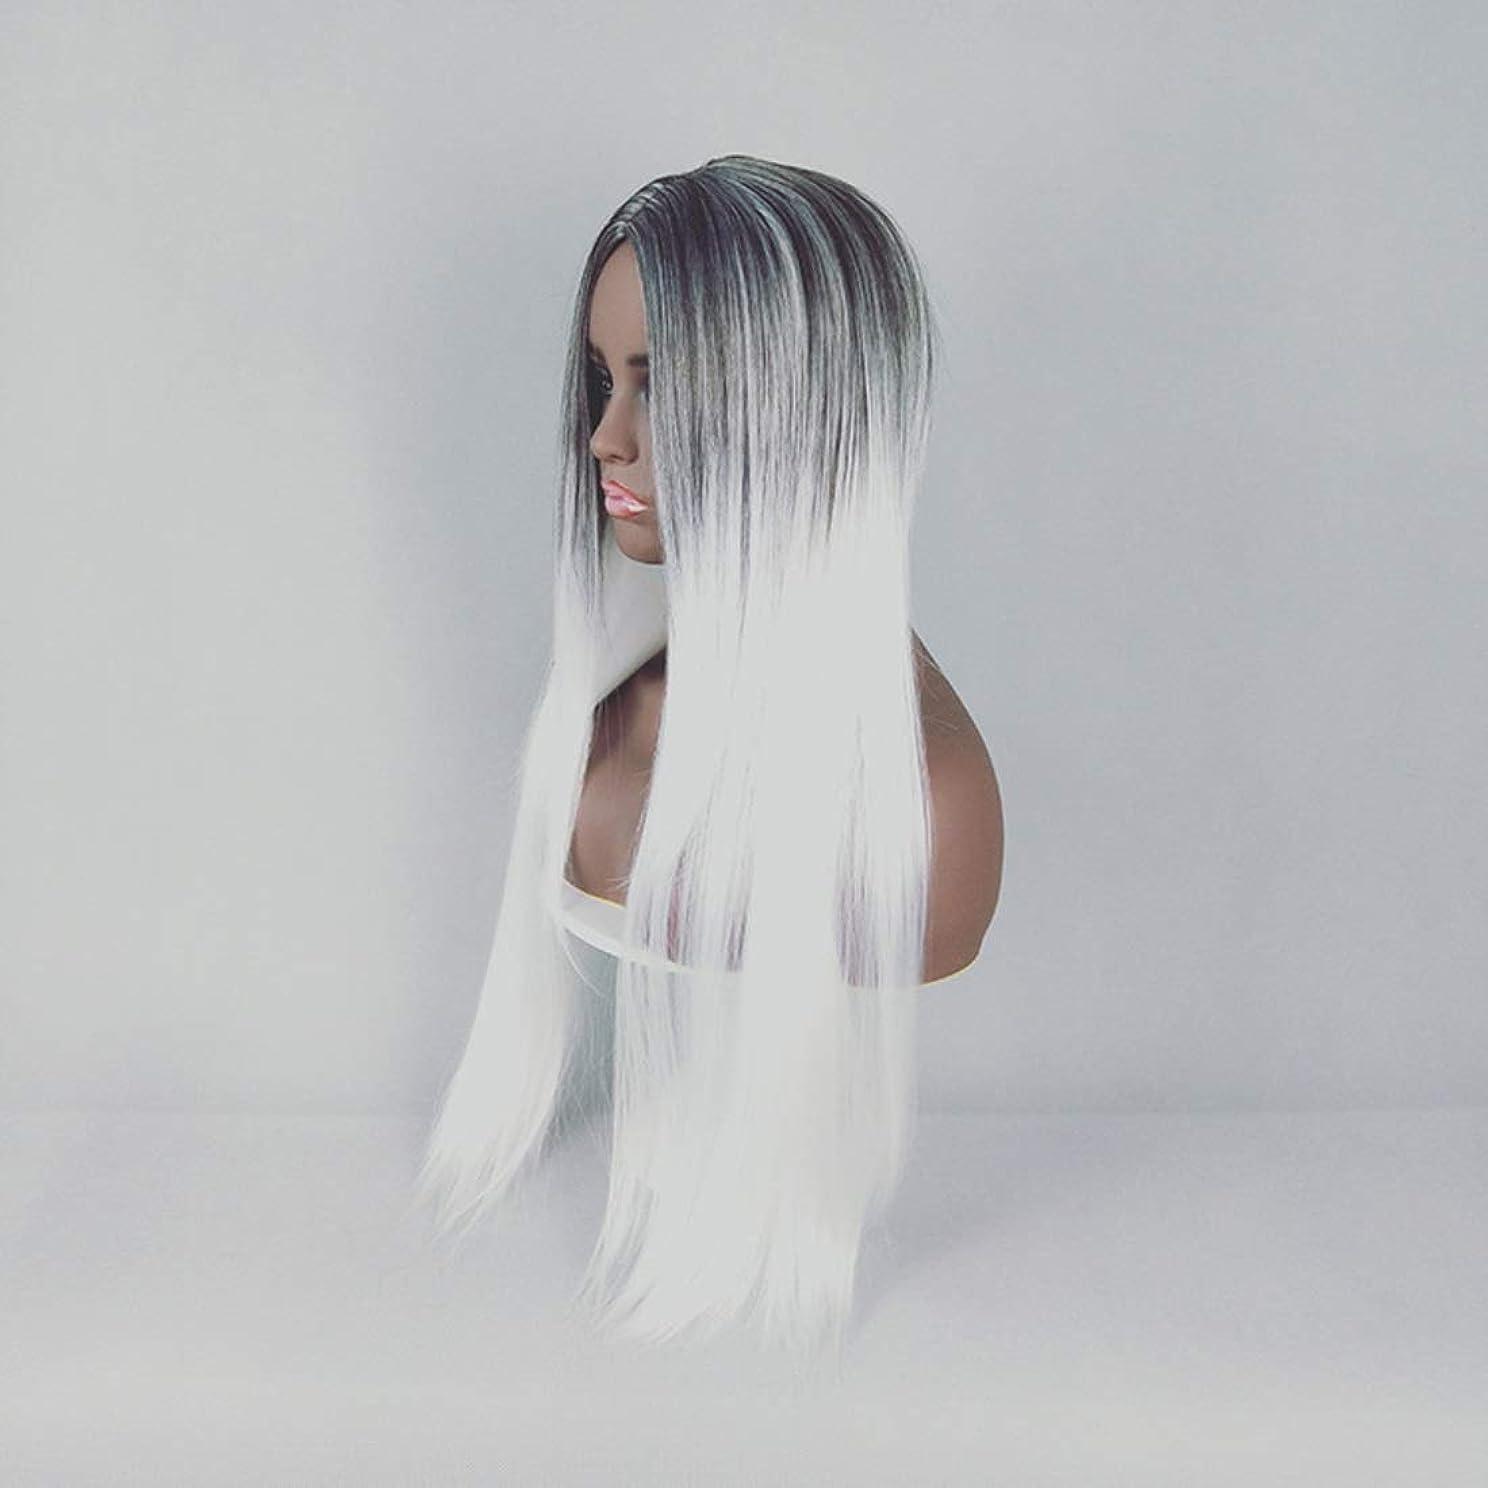 六月影響を受けやすいです対称Kerwinner 合成ストレートストレートヘアウィッグカラーグラデーションフルウィッグ女性のための前髪付き耐熱ウィッグロングウィッグコスプレ/パーティー用 (Color : White)